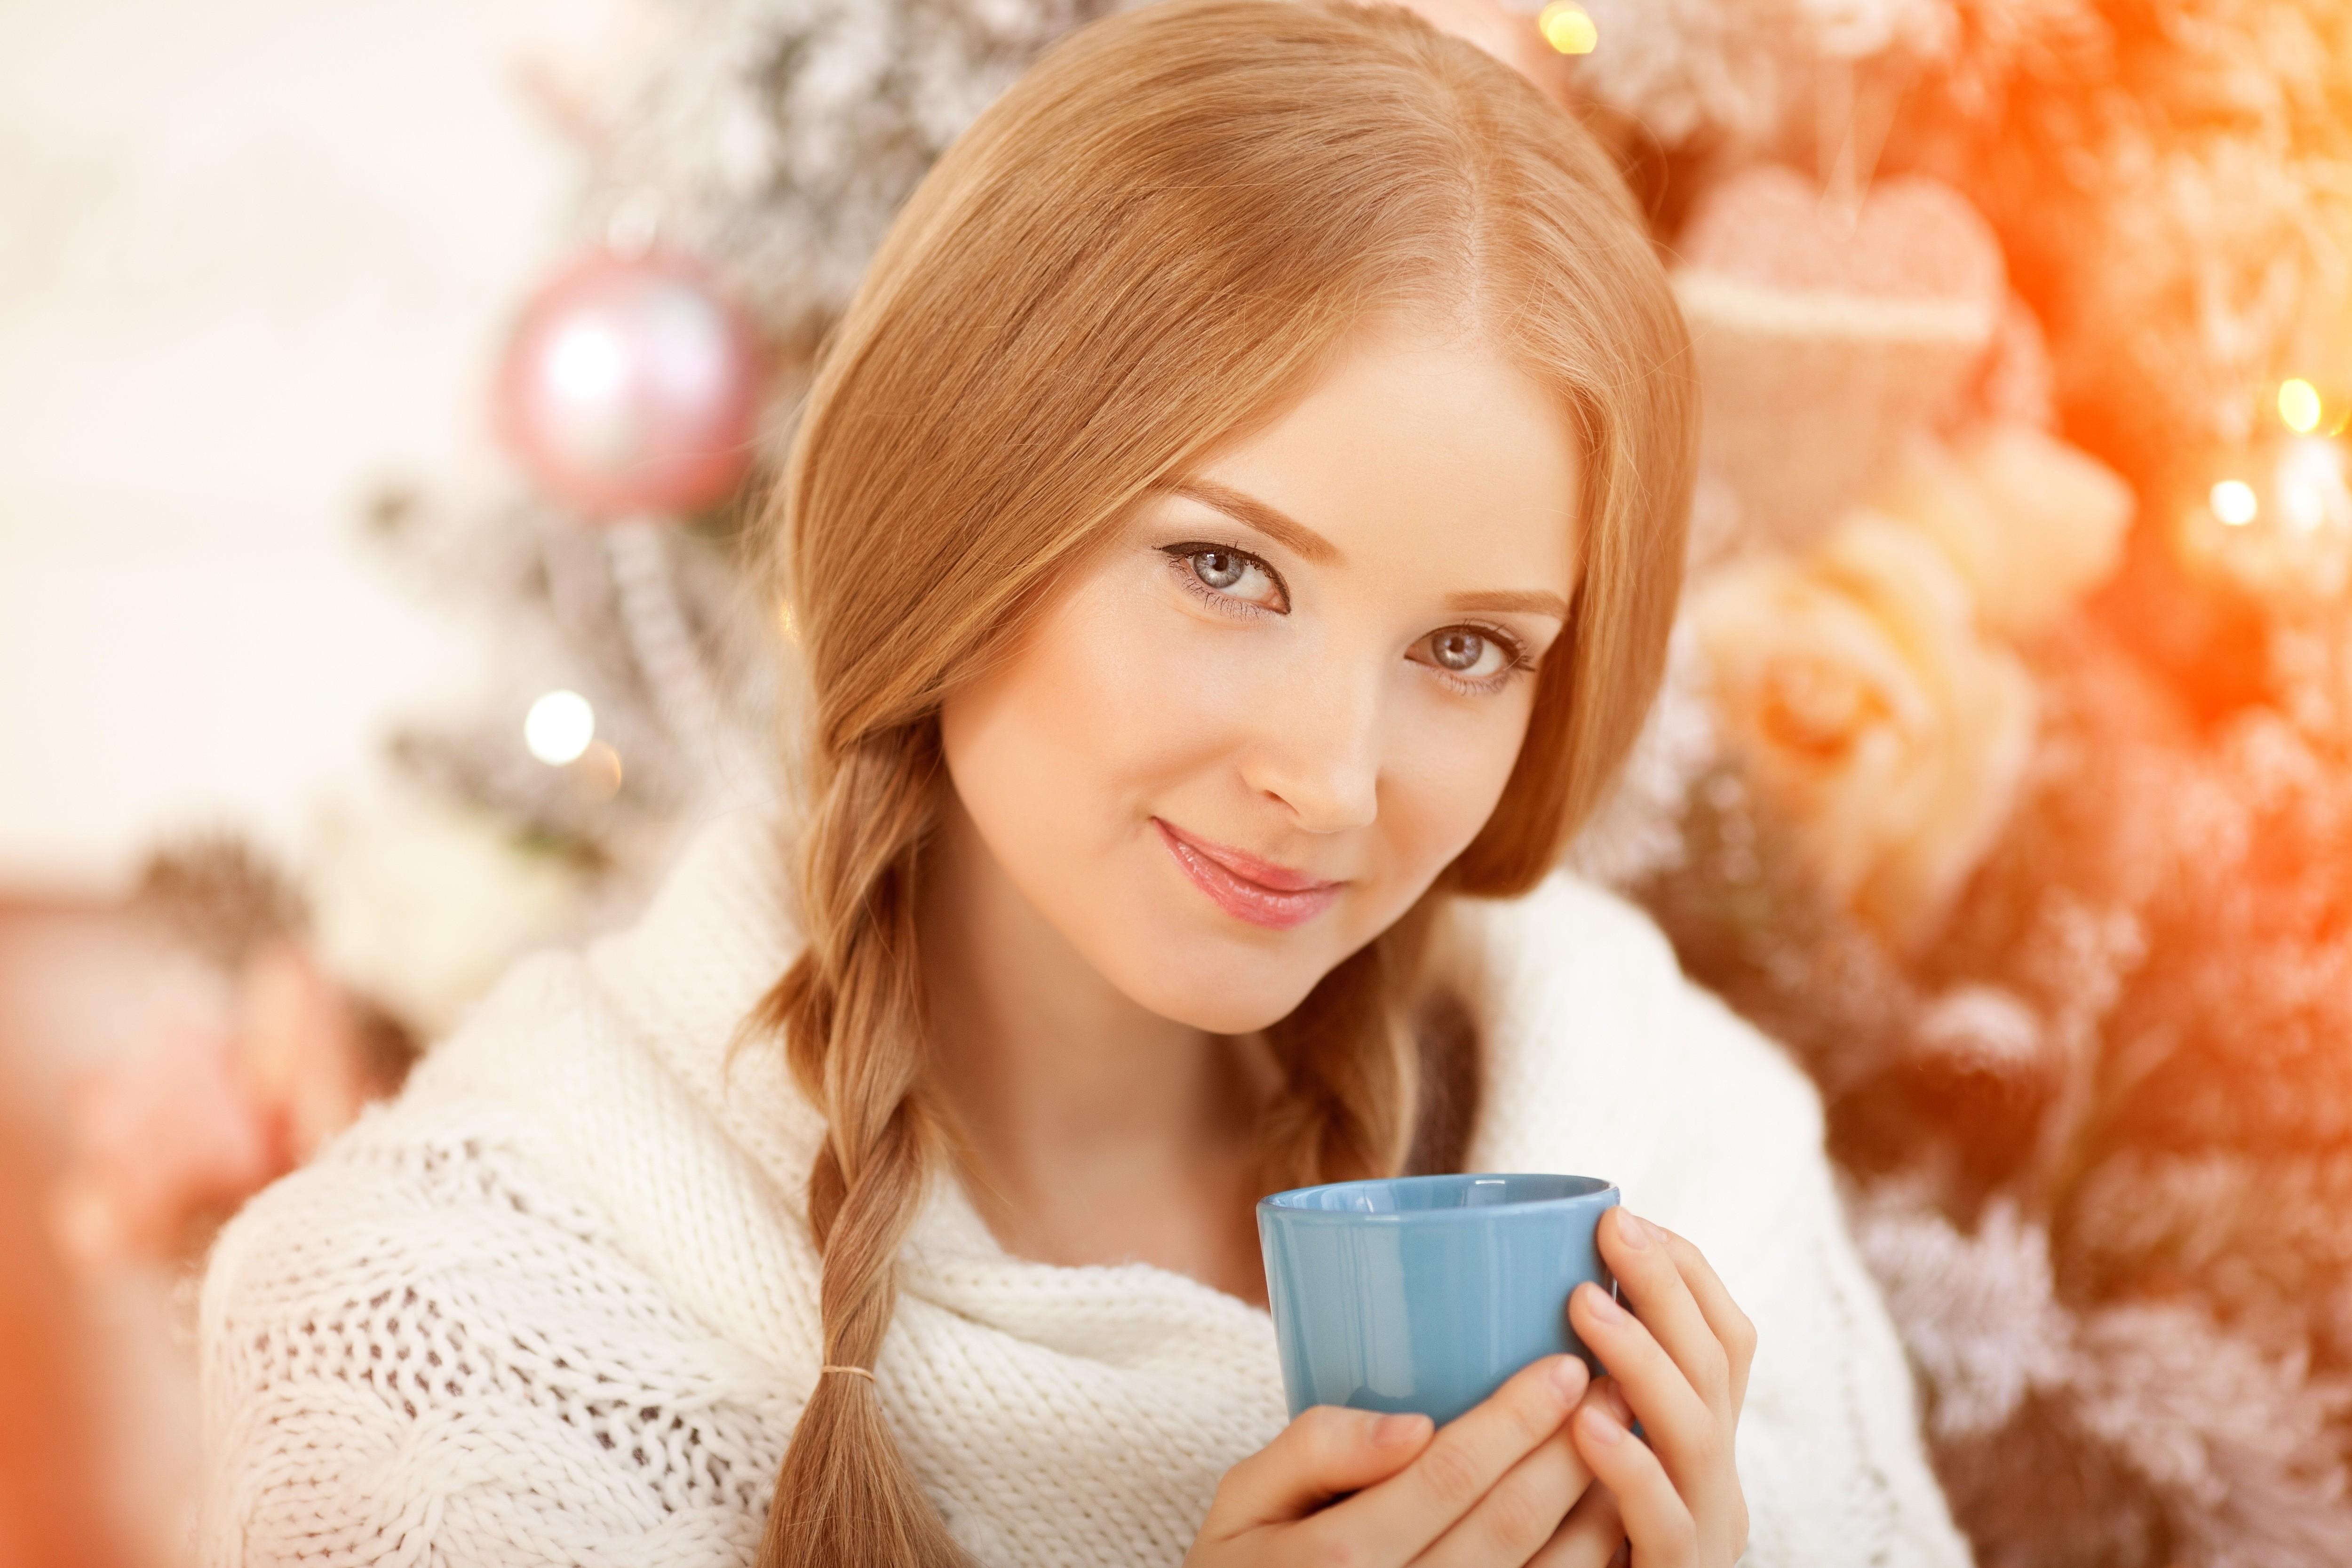 красотка, окно, сидит, кофе бесплатно